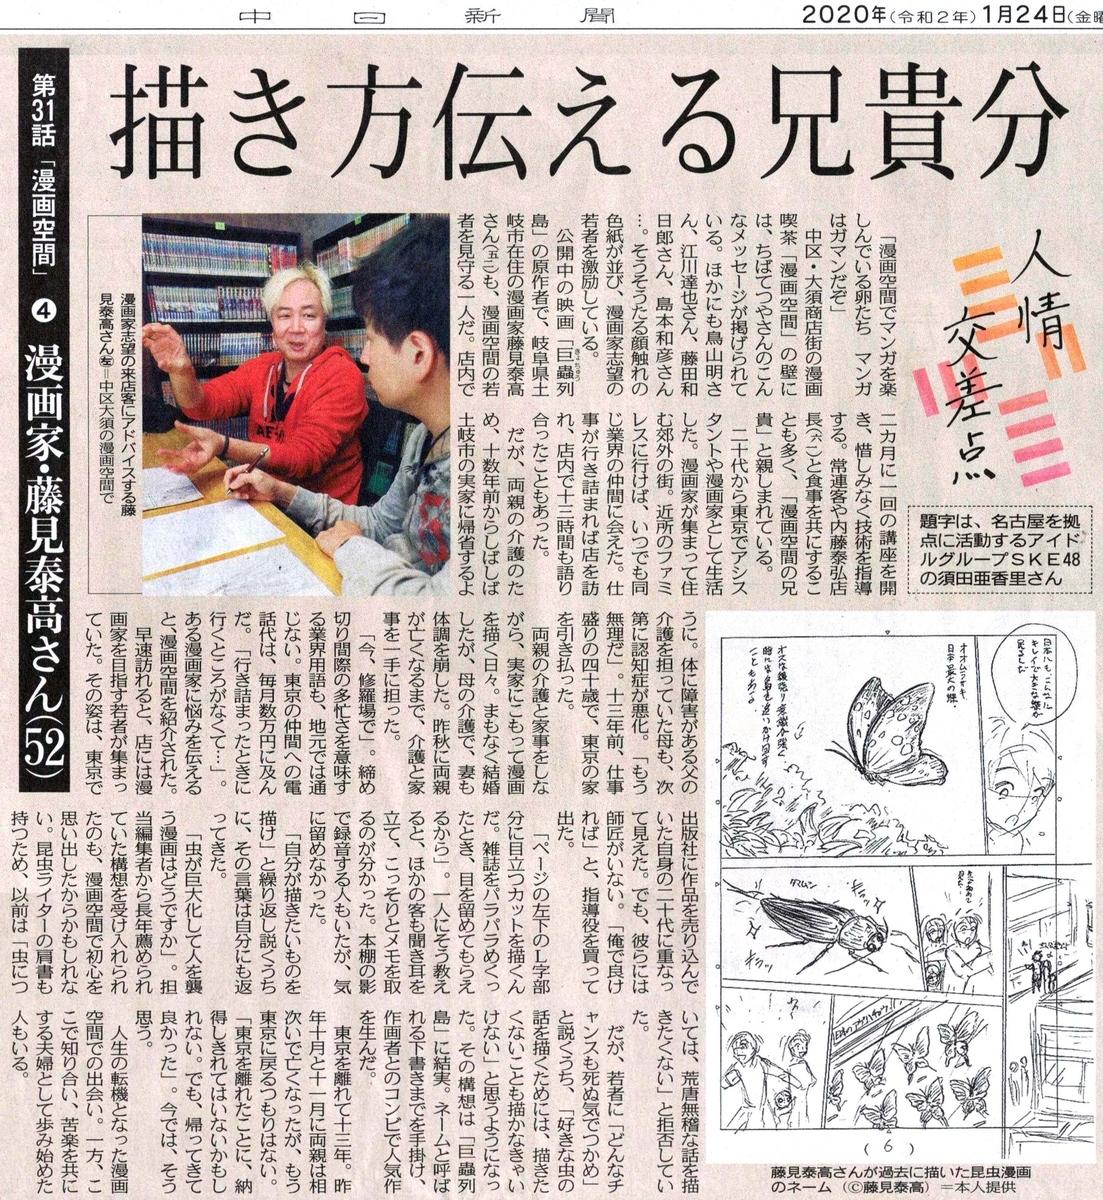 2020年1月23日 中日新聞 人情交差点 漫画空間